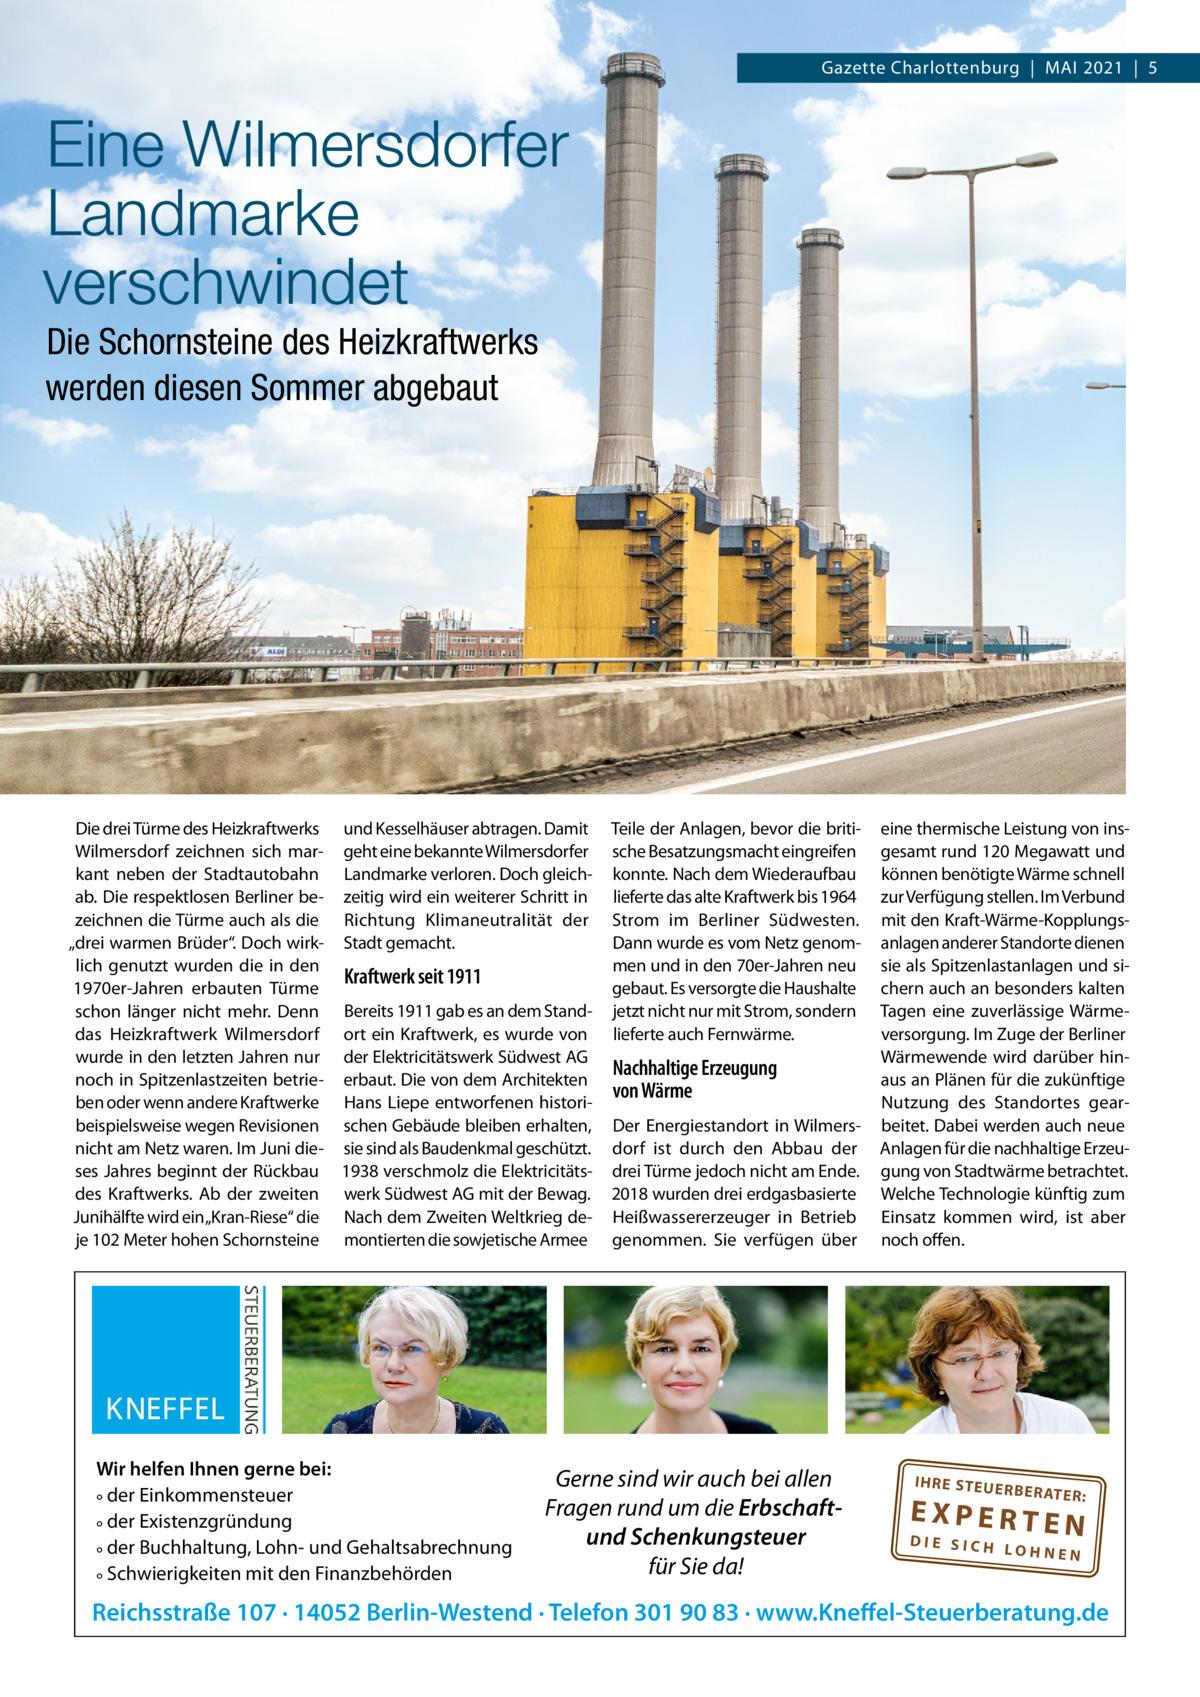 """Gazette Charlottenburg MAI 2021 5  Eine Wilmersdorfer Landmarke verschwindet Die Schornsteine des Heizkraftwerks werden diesen Sommer abgebaut  Die drei Türme des Heizkraftwerks und Kesselhäuser abtragen. Damit Wilmersdorf zeichnen sich mar- geht eine bekannte Wilmersdorfer kant neben der Stadtautobahn Landmarke verloren. Doch gleichab. Die respektlosen Berliner be- zeitig wird ein weiterer Schritt in zeichnen die Türme auch als die Richtung Klimaneutralität der """"drei warmen Brüder"""". Doch wirk- Stadt gemacht. lich genutzt wurden die in den Kraftwerk seit 1911 1970er-Jahren erbauten Türme schon länger nicht mehr. Denn Bereits 1911 gab es an dem Standdas Heizkraftwerk Wilmersdorf ort ein Kraftwerk, es wurde von wurde in den letzten Jahren nur der Elektricitätswerk Südwest AG noch in Spitzenlastzeiten betrie- erbaut. Die von dem Architekten ben oder wenn andere Kraftwerke Hans Liepe entworfenen historibeispielsweise wegen Revisionen schen Gebäude bleiben erhalten, nicht am Netz waren. Im Juni die- sie sind als Baudenkmal geschützt. ses Jahres beginnt der Rückbau 1938 verschmolz die Elektricitätsdes Kraftwerks. Ab der zweiten werk Südwest AG mit der Bewag. Junihälfte wird ein""""Kran-Riese"""" die Nach dem Zweiten Weltkrieg deje 102Meter hohen Schornsteine montierten die sowjetische Armee  Wir helfen Ihnen gerne bei: ° der Einkommensteuer ° der Existenzgründung ° der Buchhaltung, Lohn- und Gehaltsabrechnung ° Schwierigkeiten mit den Finanzbehörden  Teile der Anlagen, bevor die britische Besatzungsmacht eingreifen konnte. Nach dem Wiederaufbau lieferte das alte Kraftwerk bis 1964 Strom im Berliner Südwesten. Dann wurde es vom Netz genommen und in den 70er-Jahren neu gebaut. Es versorgte die Haushalte jetzt nicht nur mit Strom, sondern lieferte auch Fernwärme.  Nachhaltige Erzeugung von Wärme Der Energiestandort in Wilmersdorf ist durch den Abbau der drei Türme jedoch nicht am Ende. 2018 wurden drei erdgasbasierte Heißwassererzeuger in Betrieb genommen. Sie verfügen über  Gerne"""